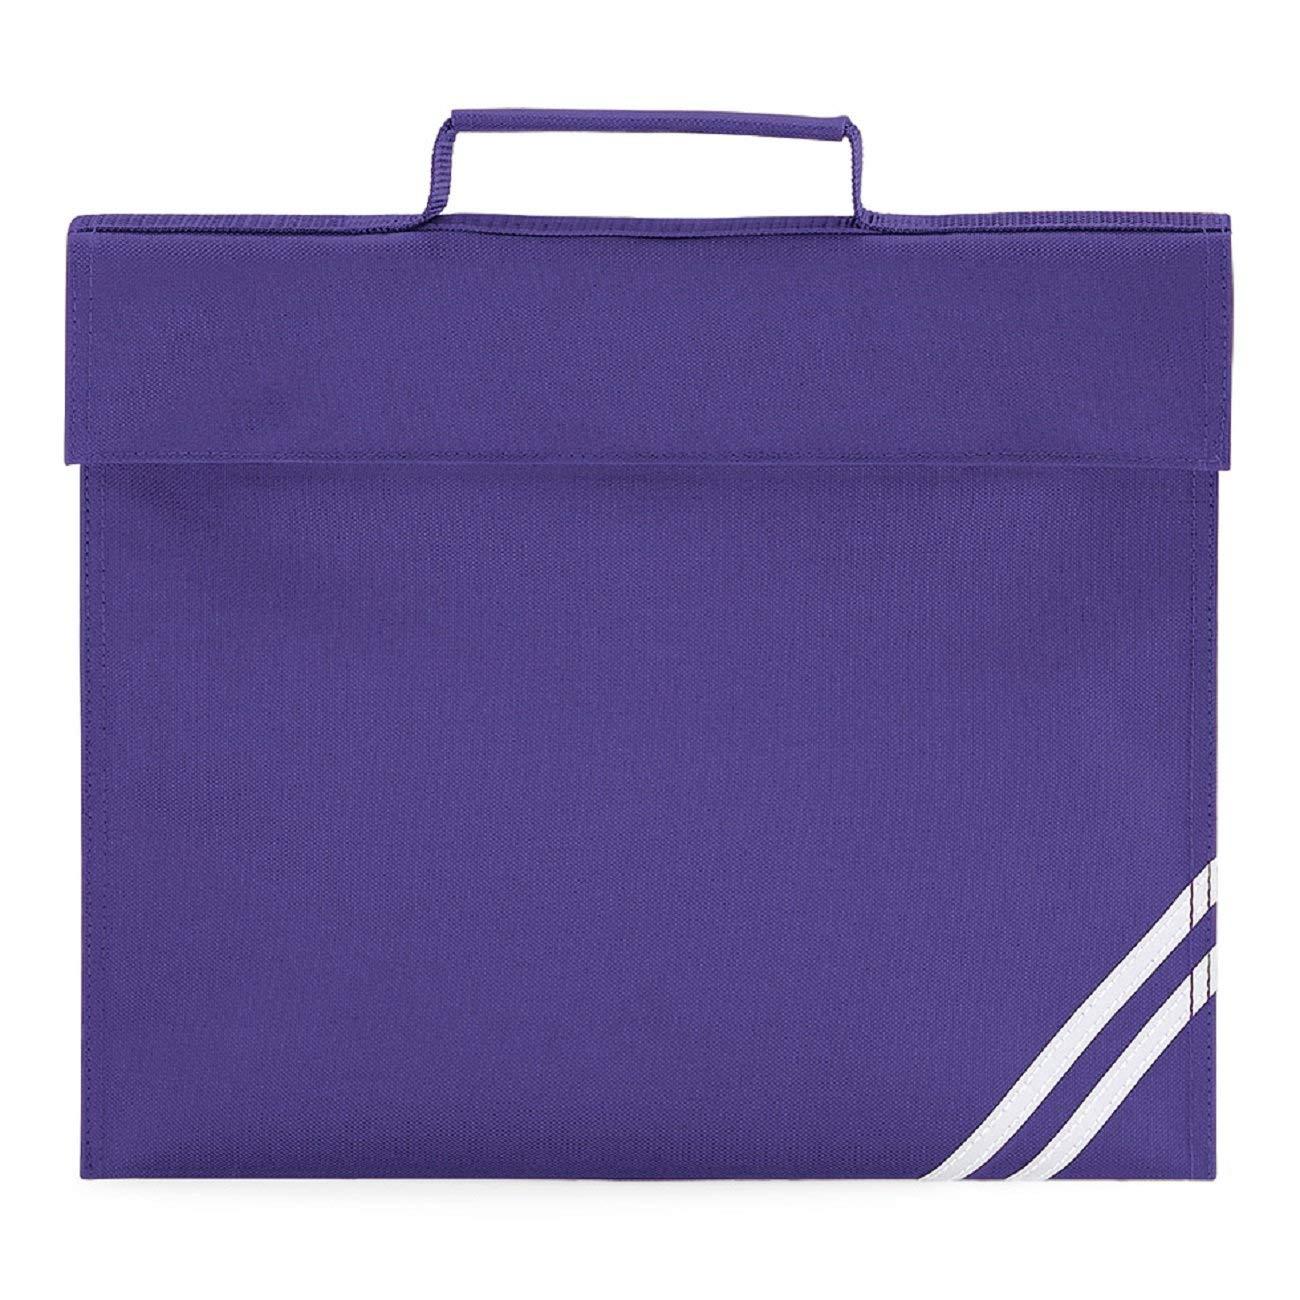 Bookbag clipart blue bag. Quadra classic book in